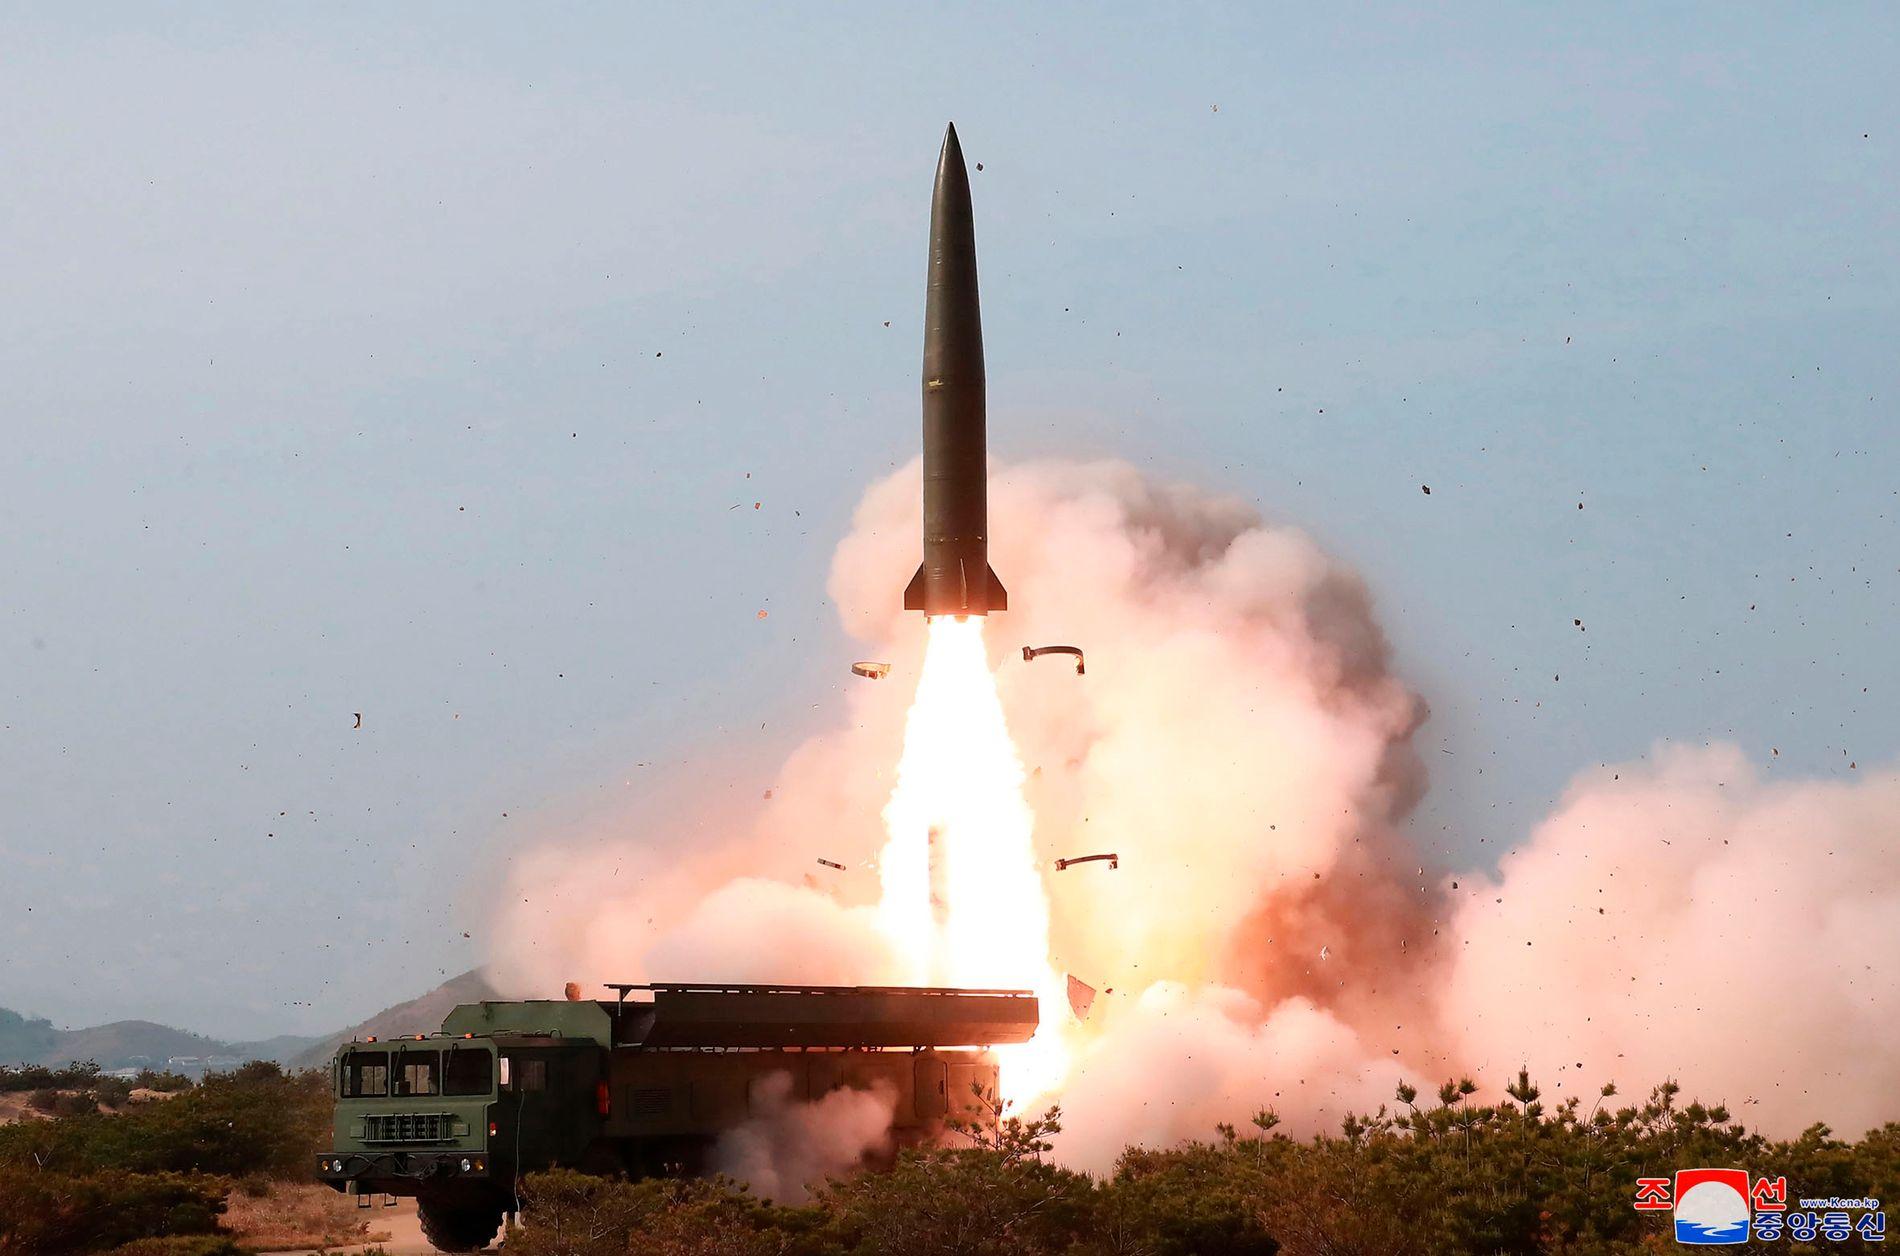 «FORNØYD»: Nord-Koreas leder Kim Jong-un var tilstede under oppskytingen, ifølge nyhetsbyrået KCNA.